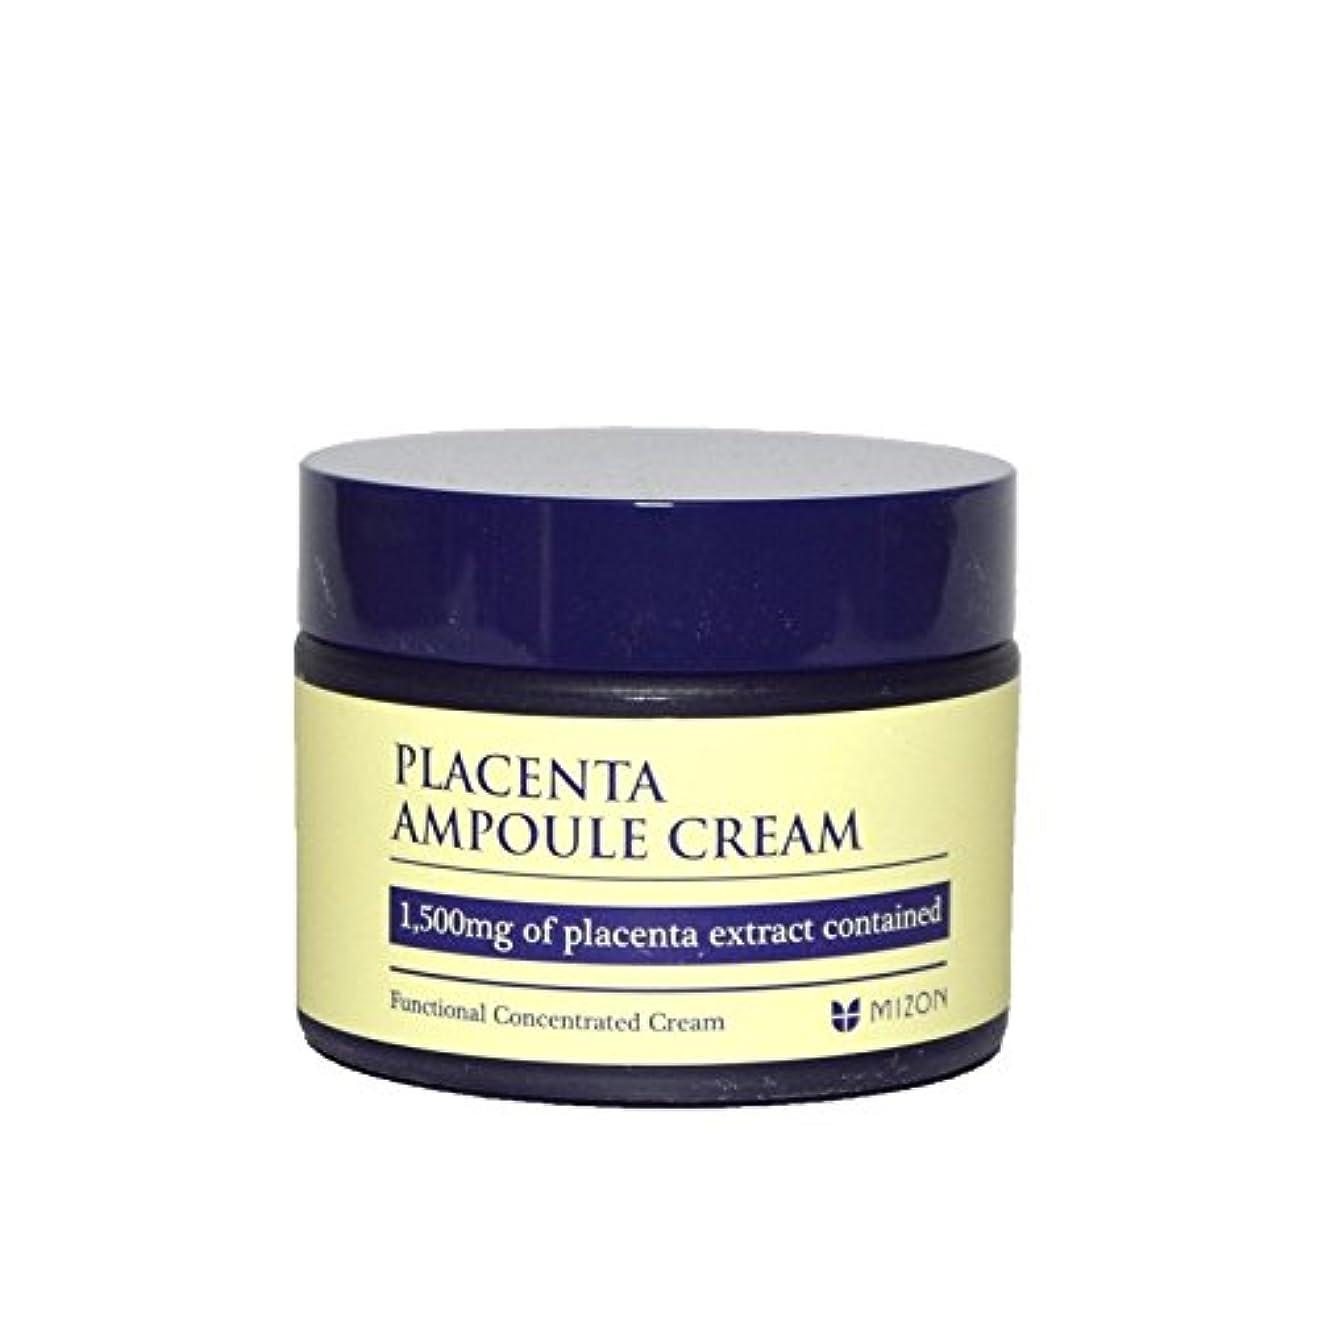 すでに大使症候群胎盤アンプルクリーム x4 - Mizon Placenta Ampoule Cream (Pack of 4) [並行輸入品]